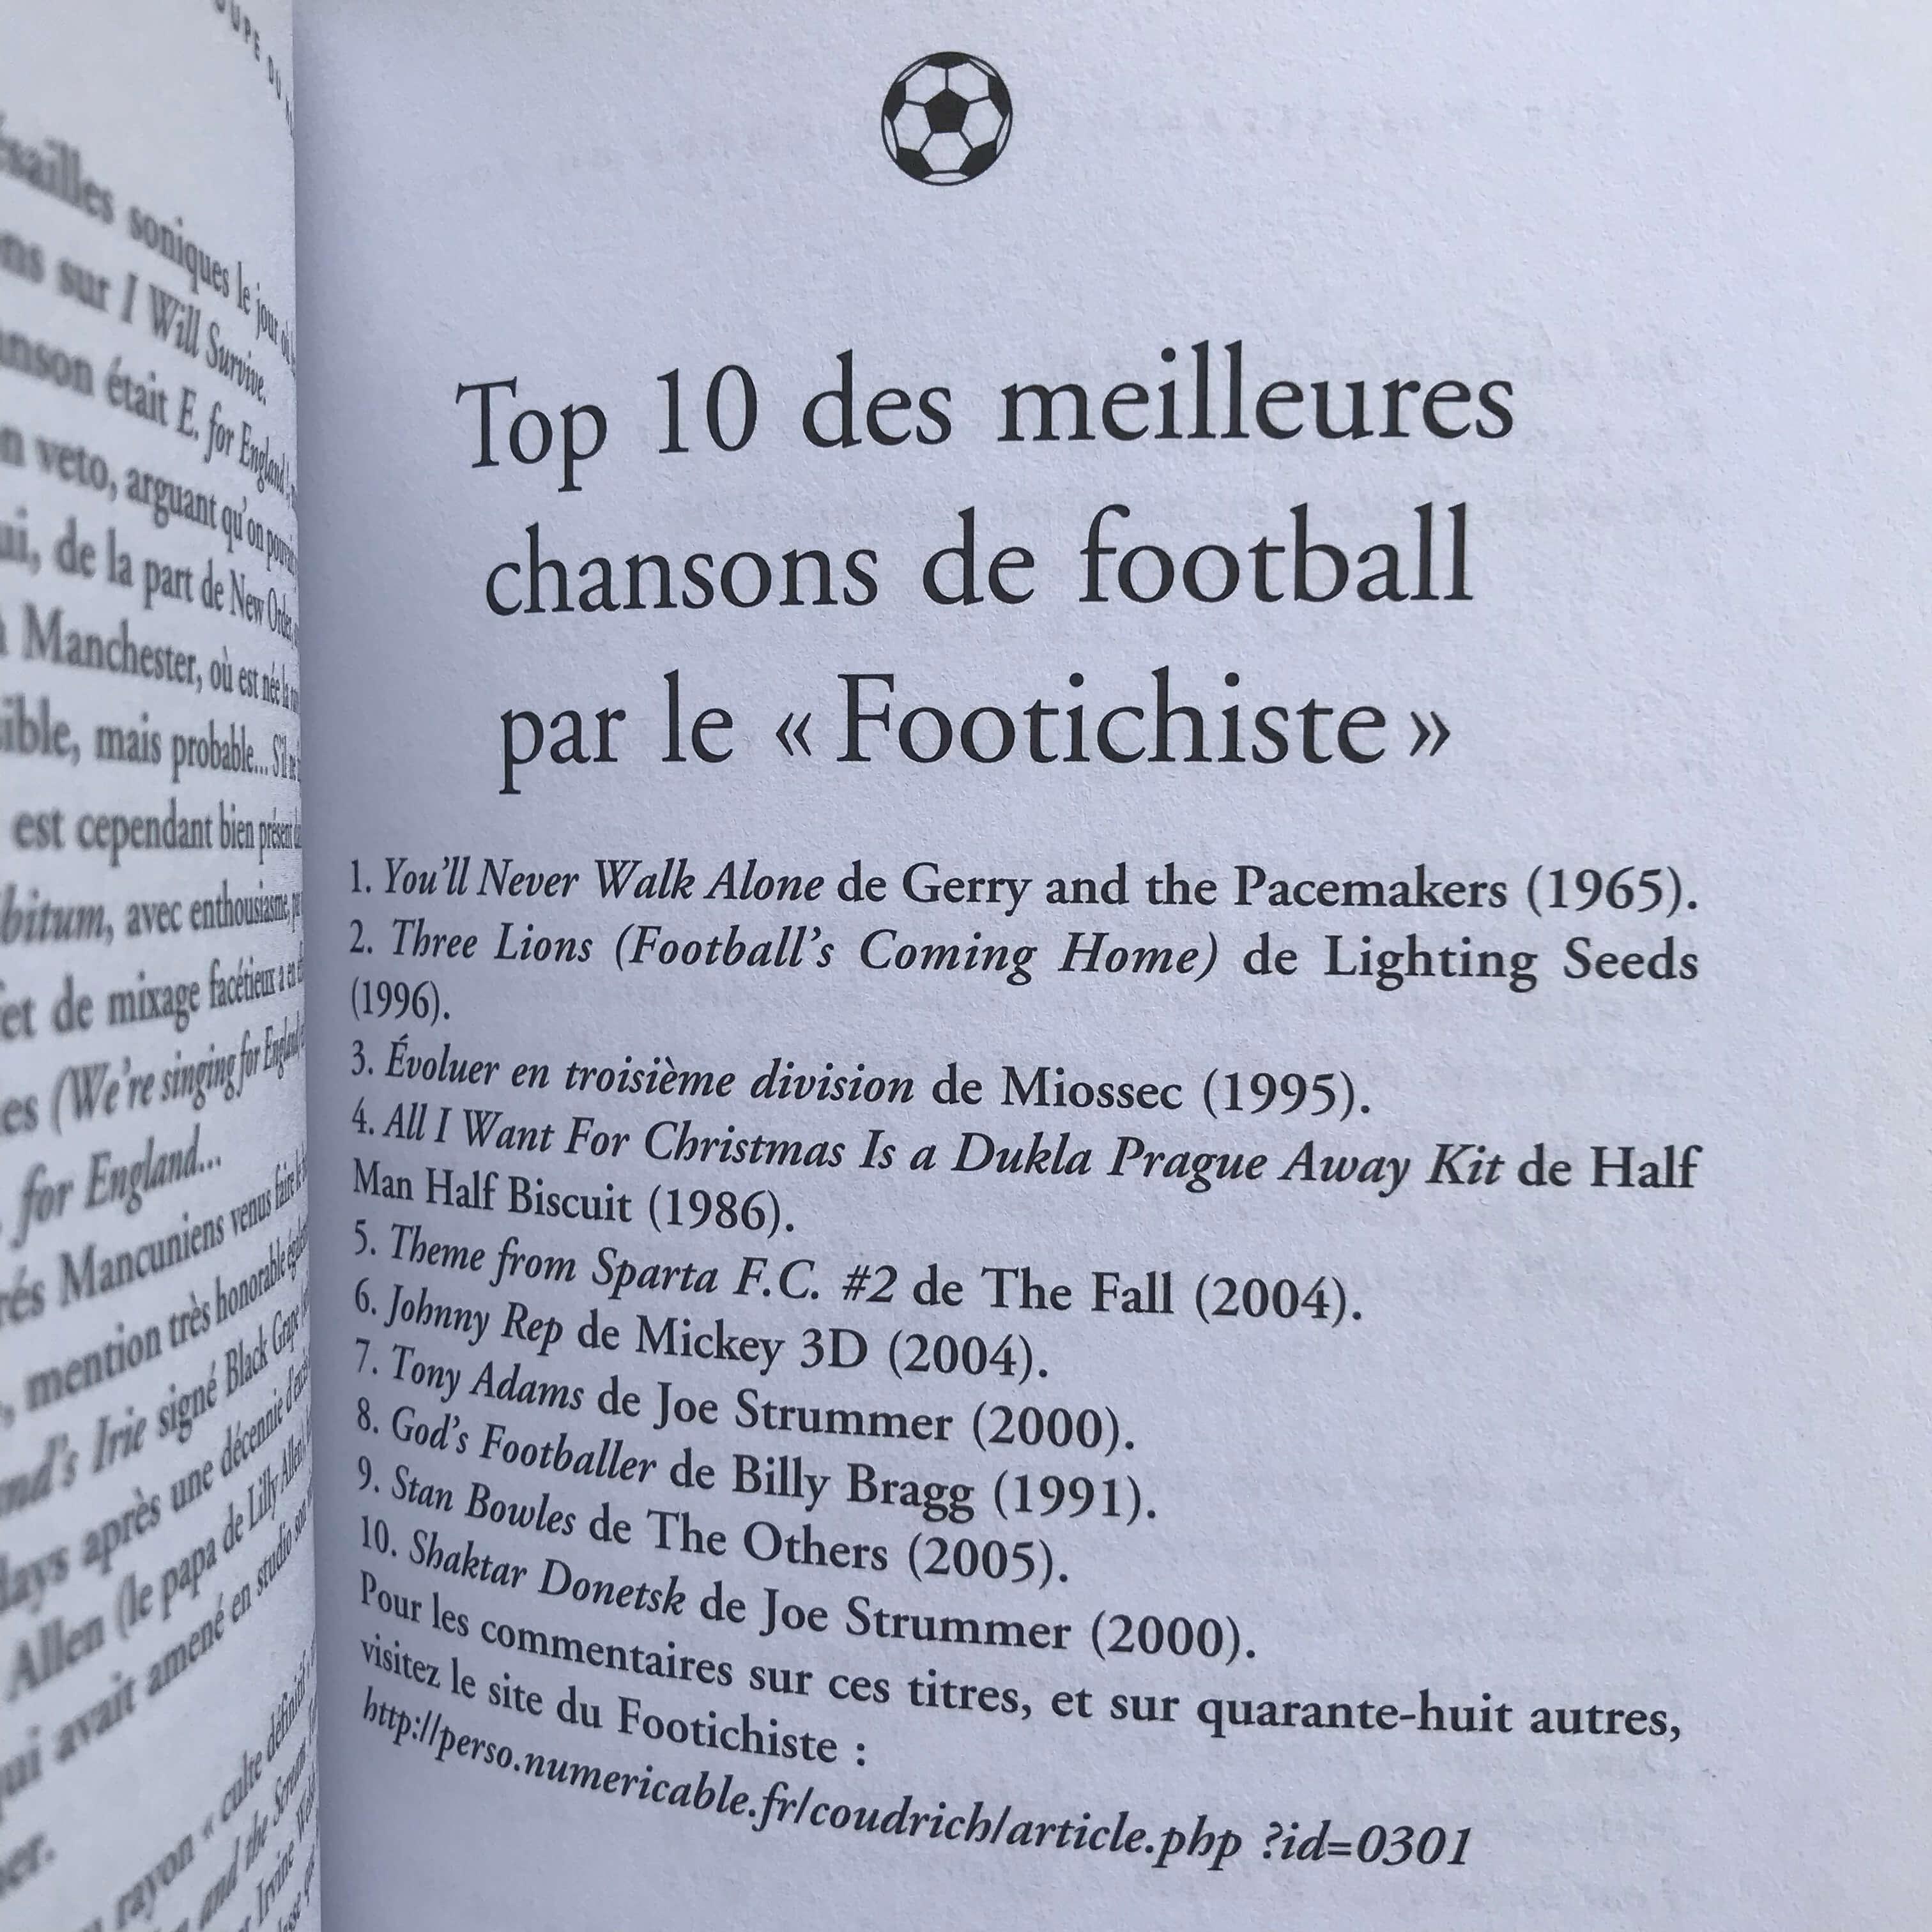 """Extrait de """"Les Miscellanées de la Coupe du monde"""" (2010, Fetjaine) d'Olivier Lefèvre."""